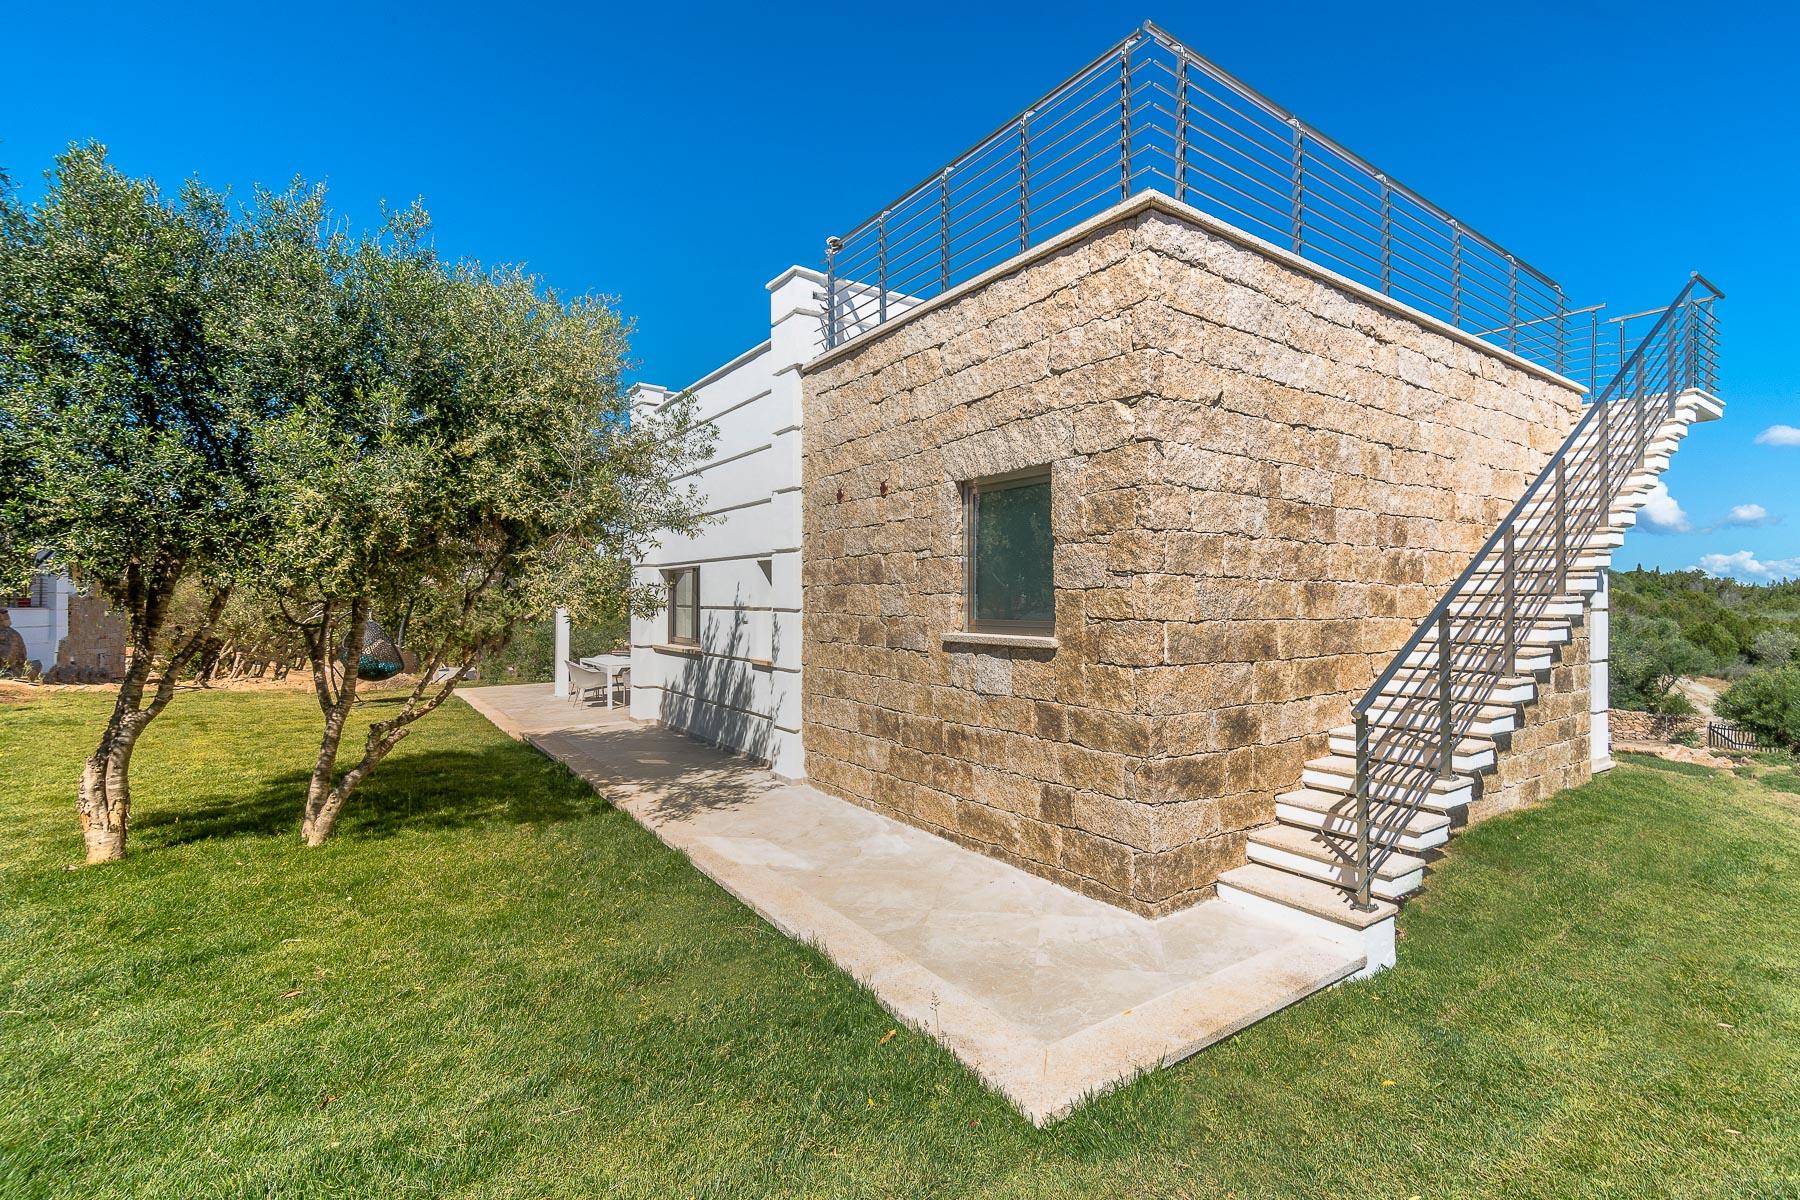 Villa in Vendita a Arzachena: 5 locali, 359 mq - Foto 1